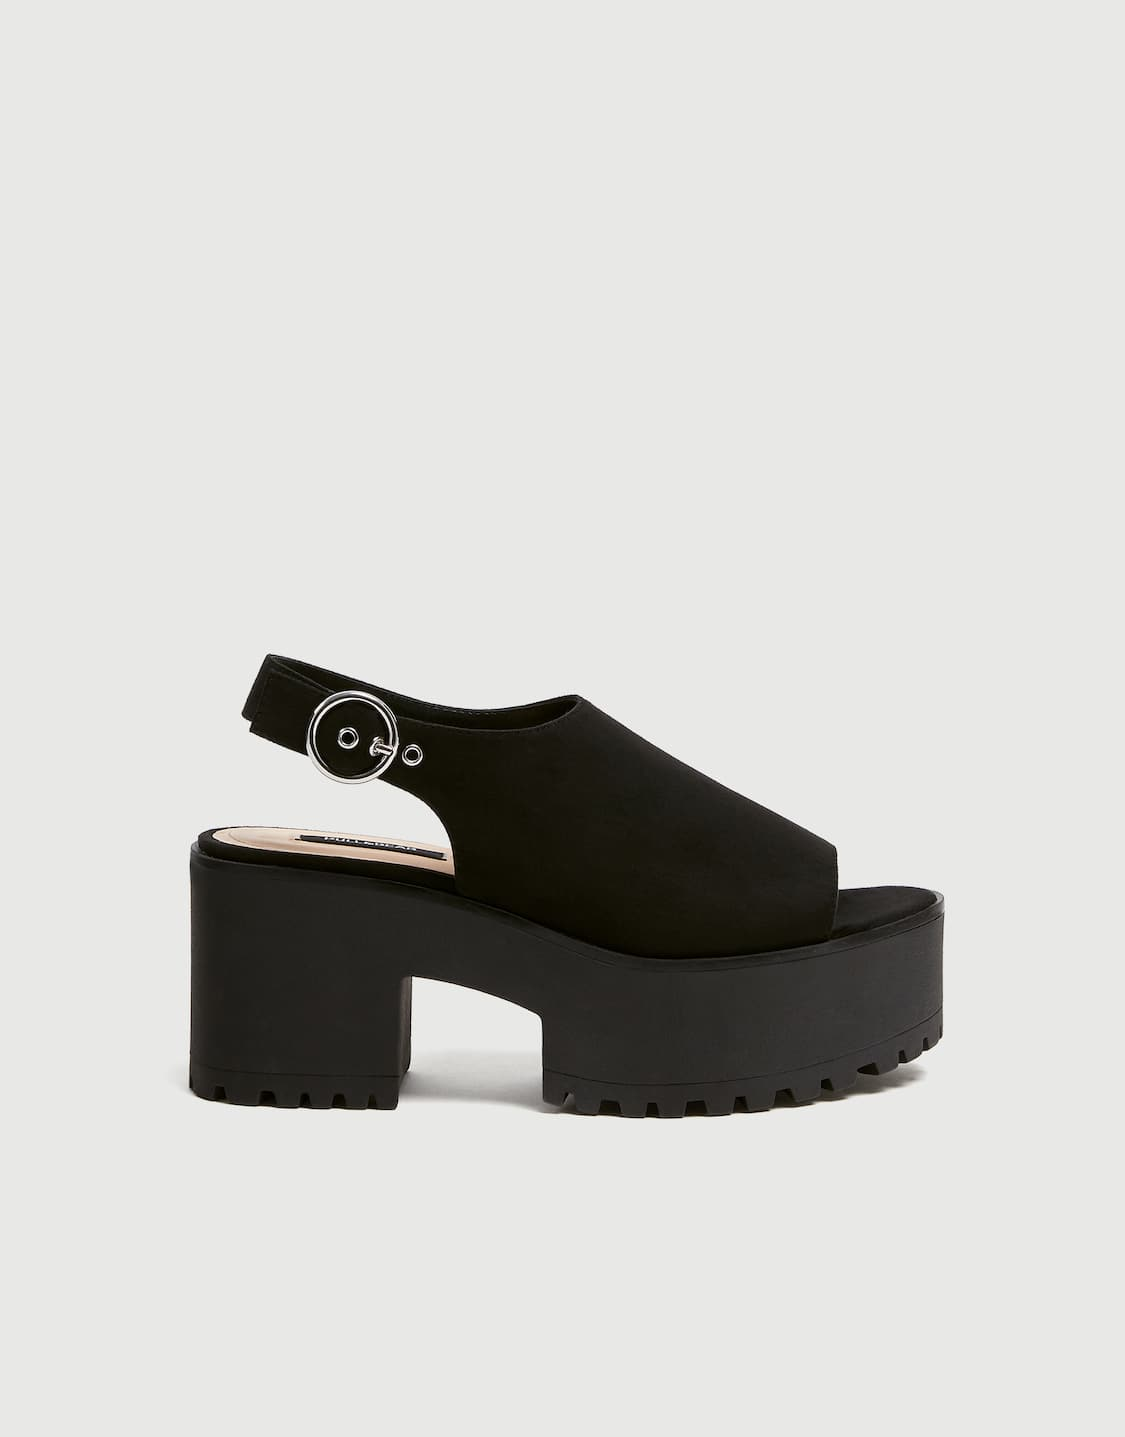 49a524f6e45b High-heel platform sandals - pull bear